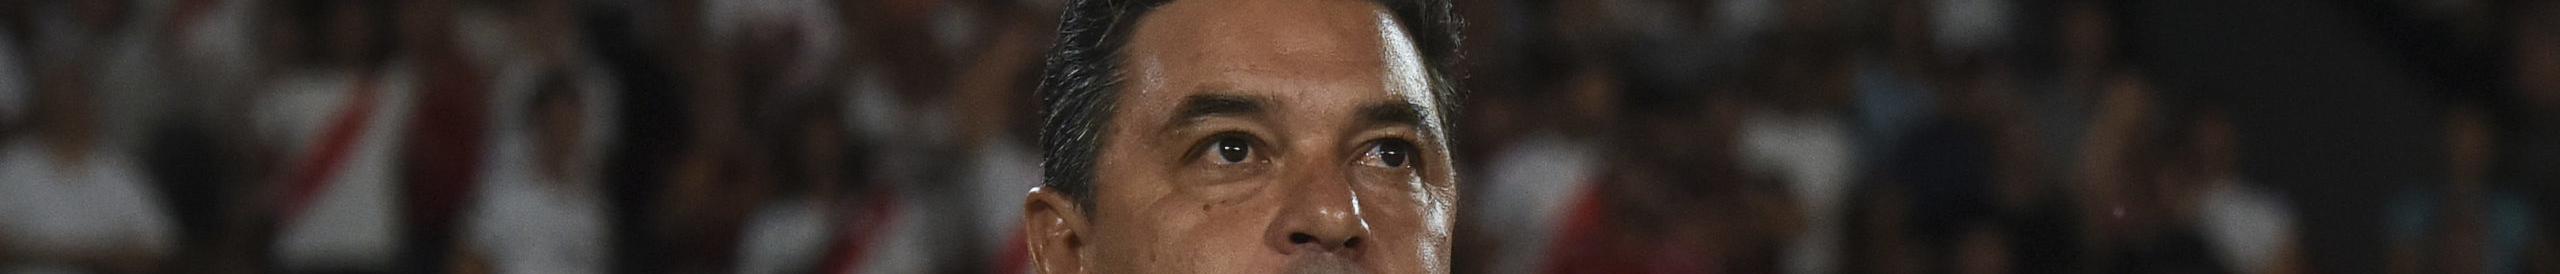 Atletico Tucuman-River Plate, per la sua prima Superliga Argentina Gallardo chiede il 100%